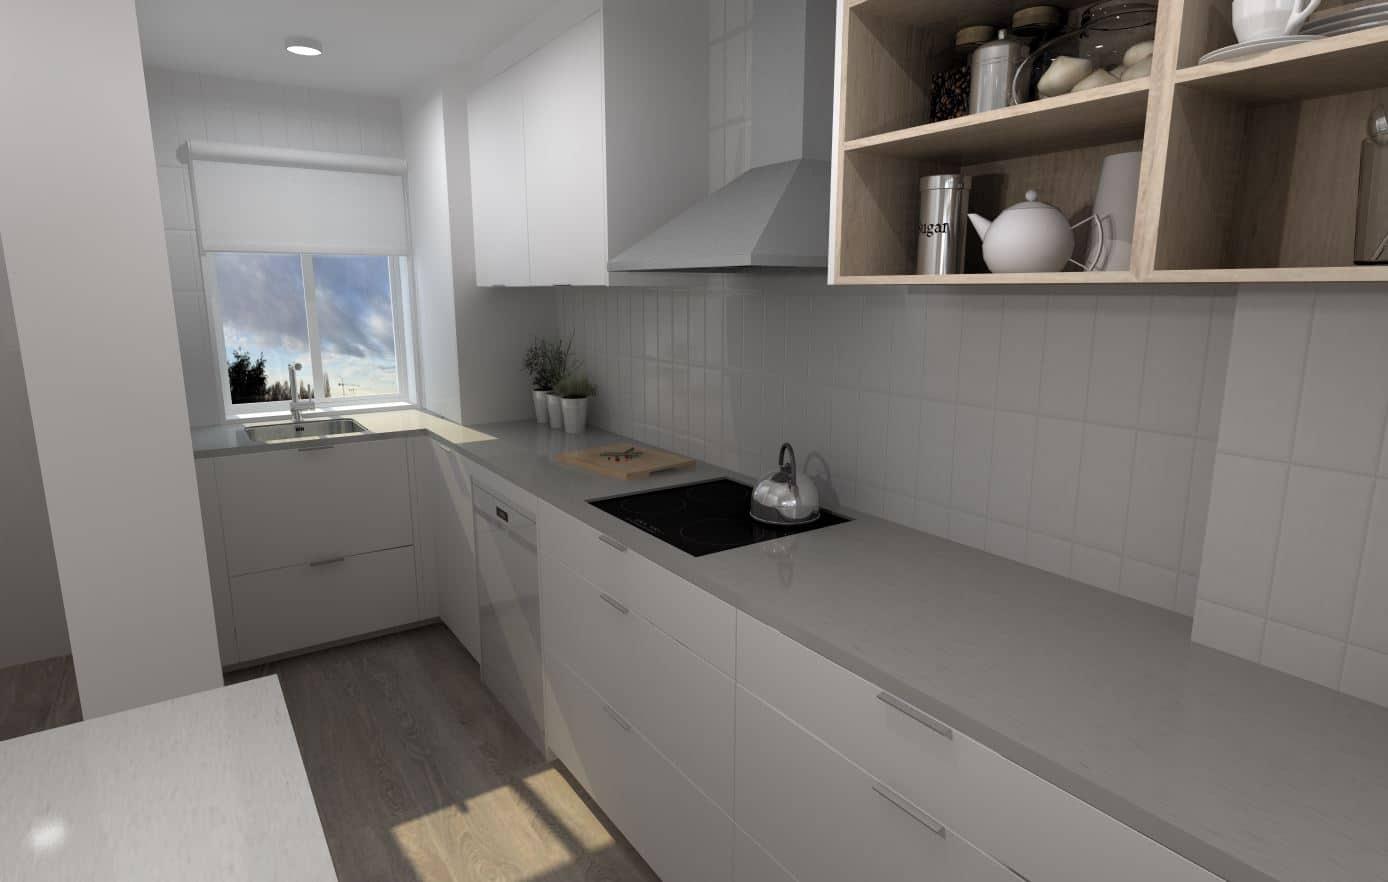 La cocina con tonos grises siempre será un acierto